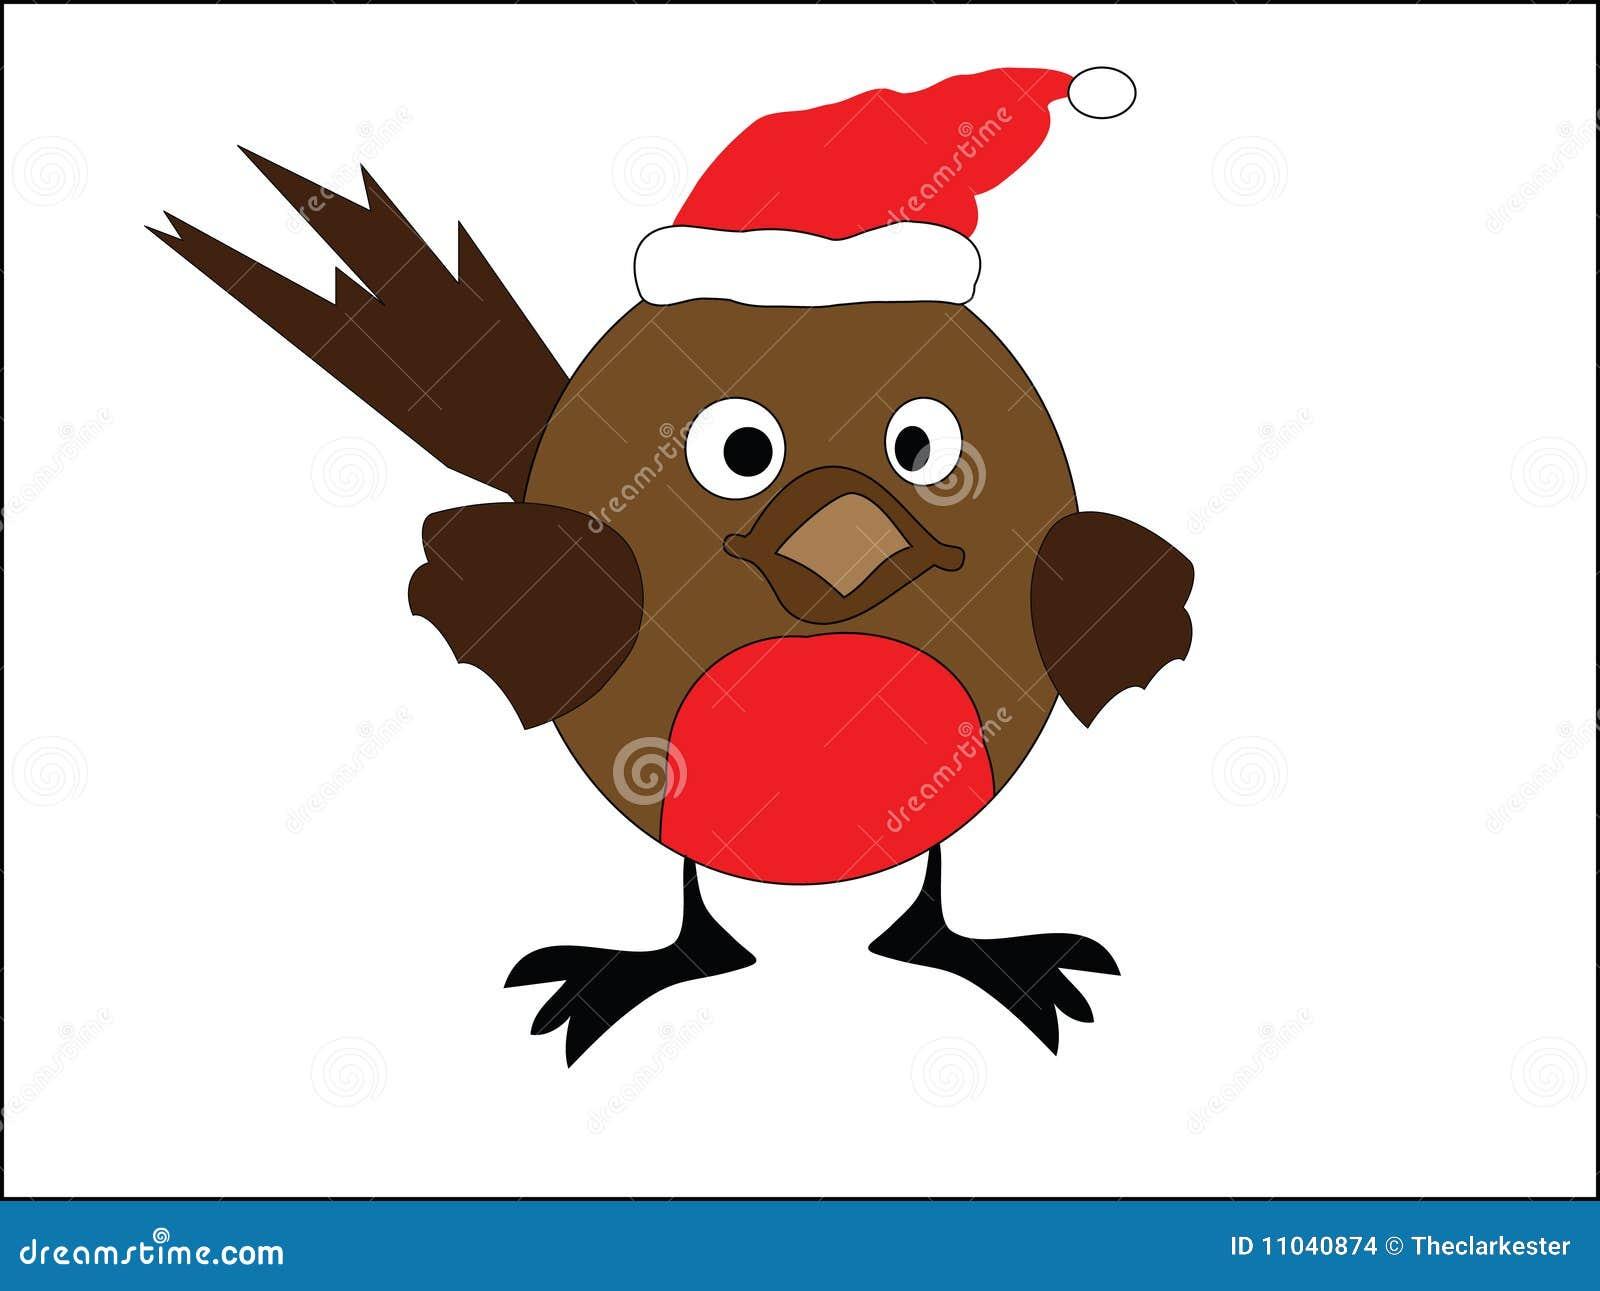 Download Robin redbreast stock illustration. Illustration of toon - 11040874